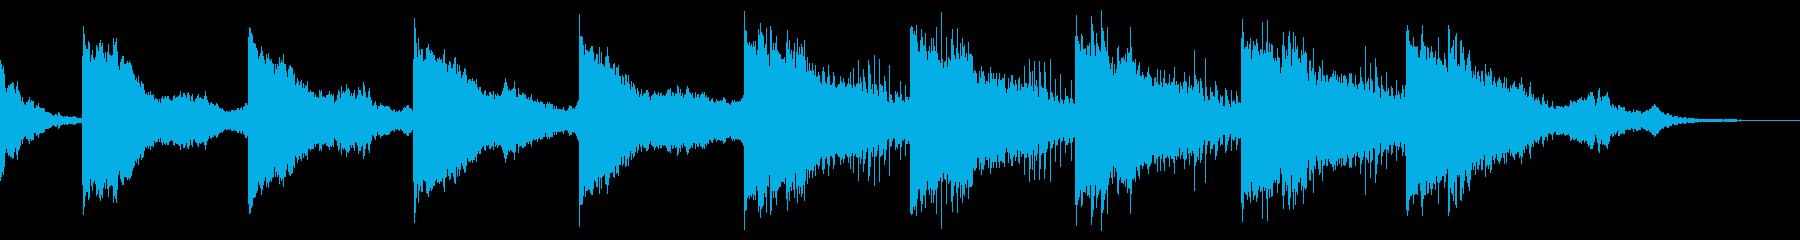 トレーラー、映像・動画、静かな熱Sの再生済みの波形